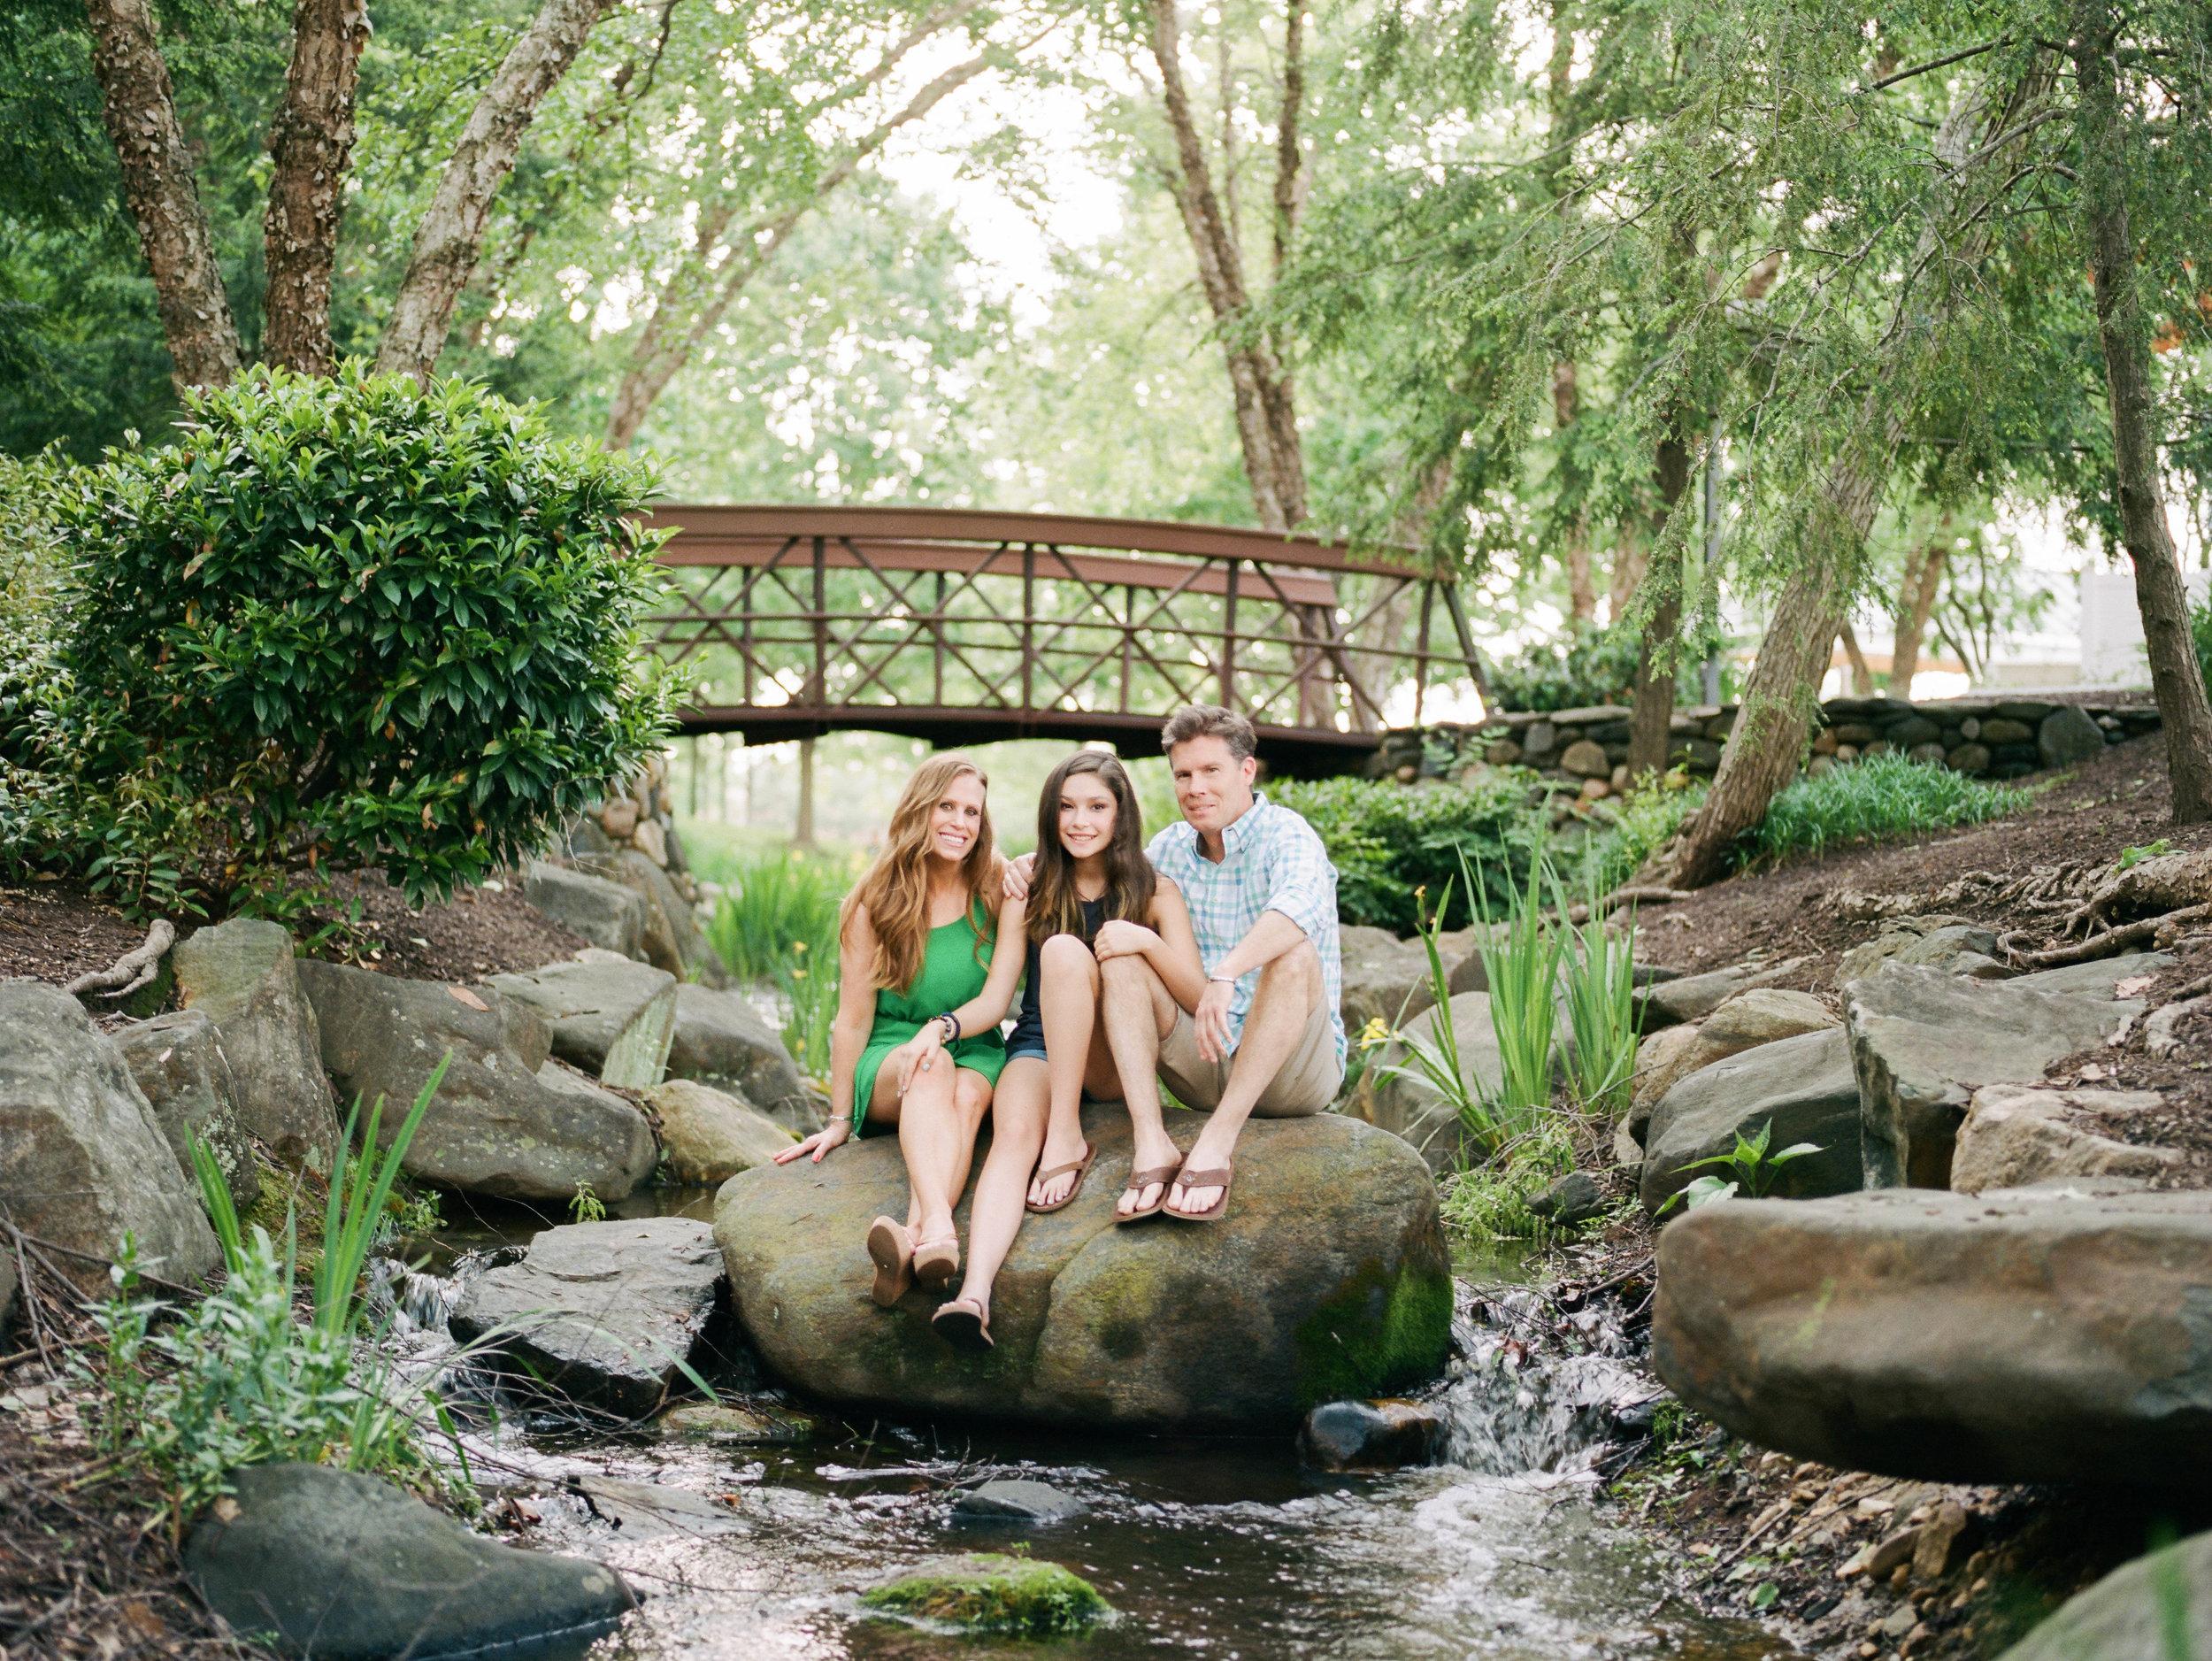 Armato-Photography-Family Portraits-Clarksburg-Maryland-63.jpg